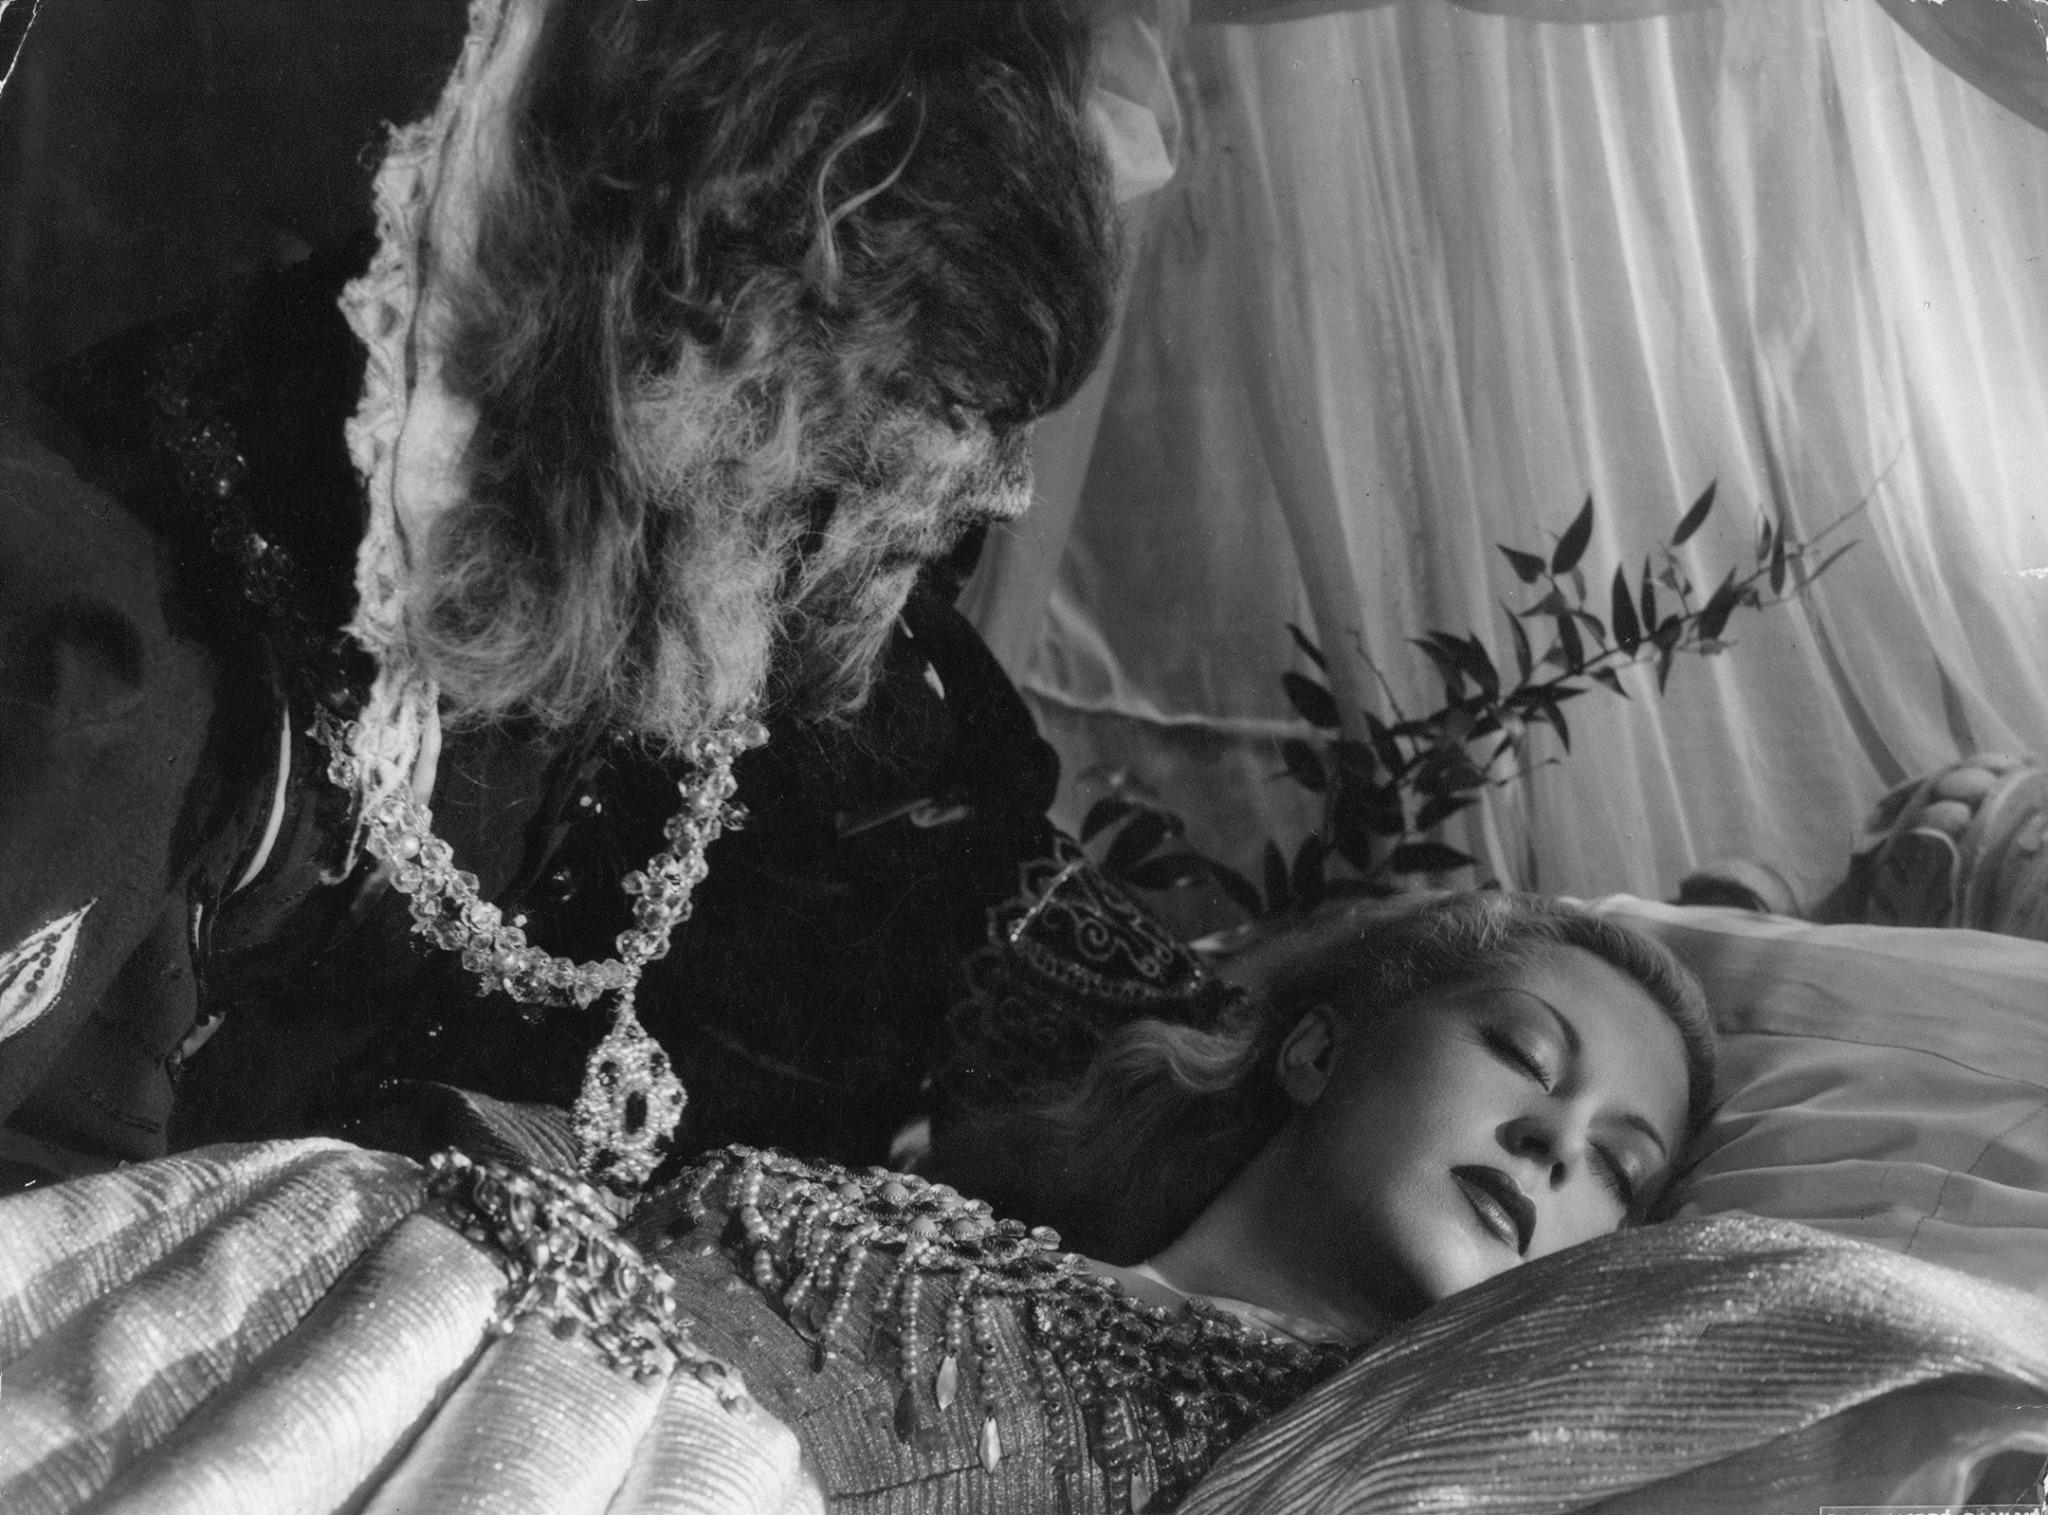 La belle et la bête (1946) - Jean Cocteau